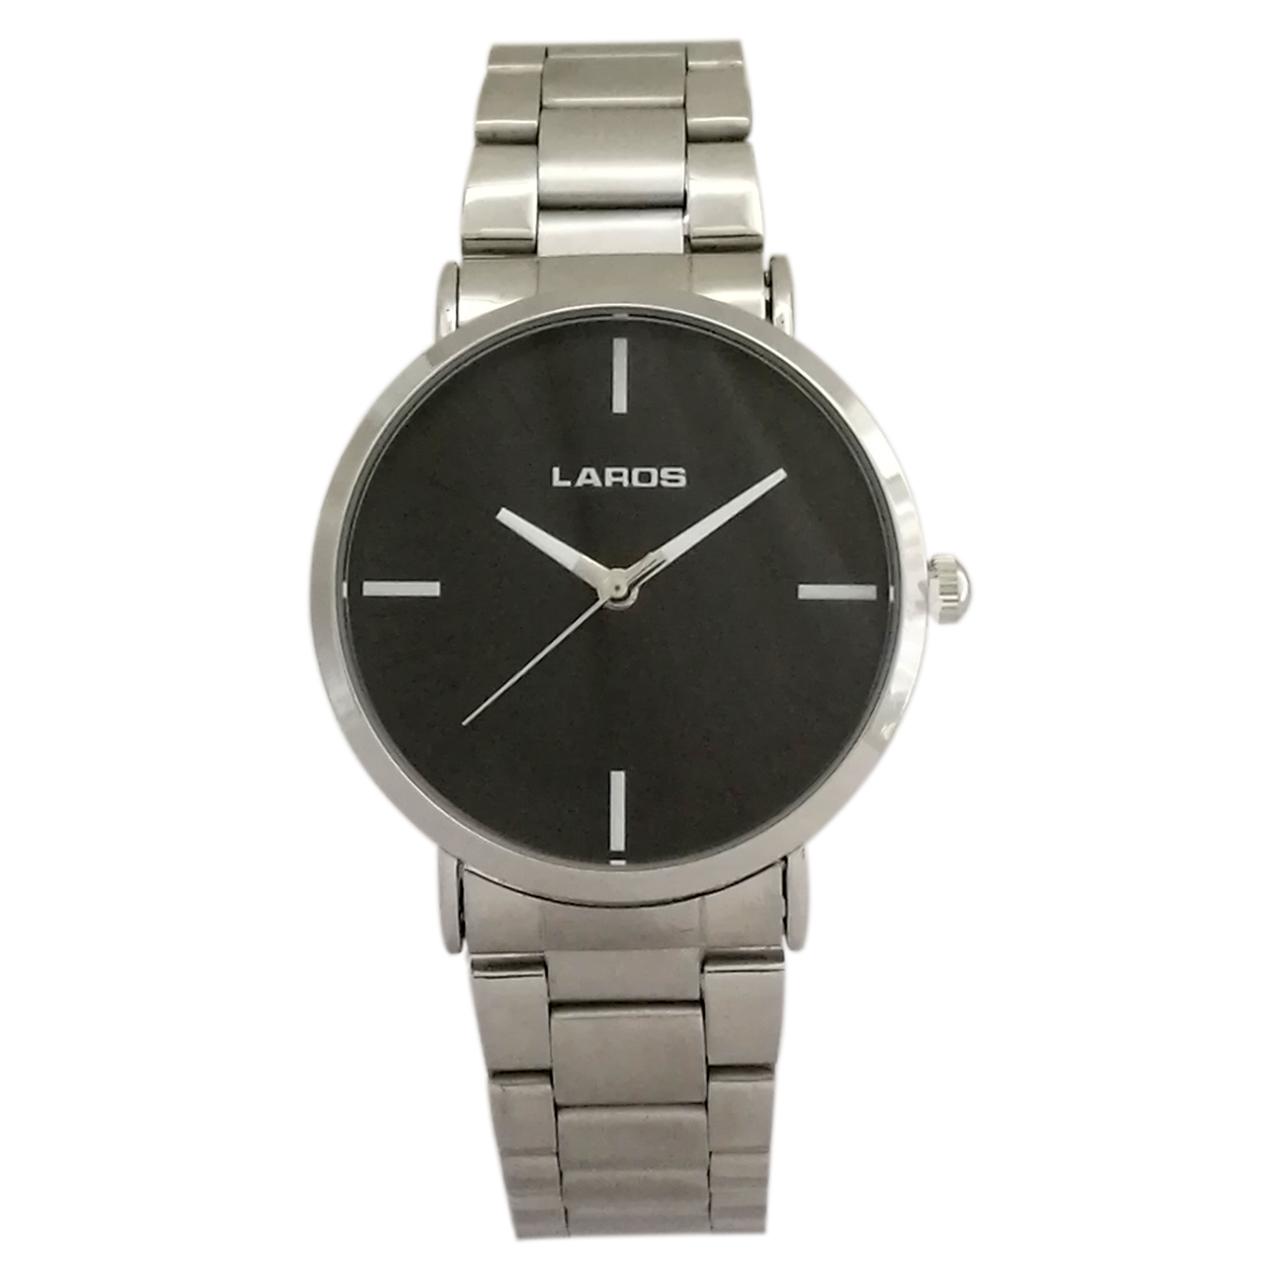 ساعت مچی عقربه ای مردانه لاروس مدل 1117-80141 14